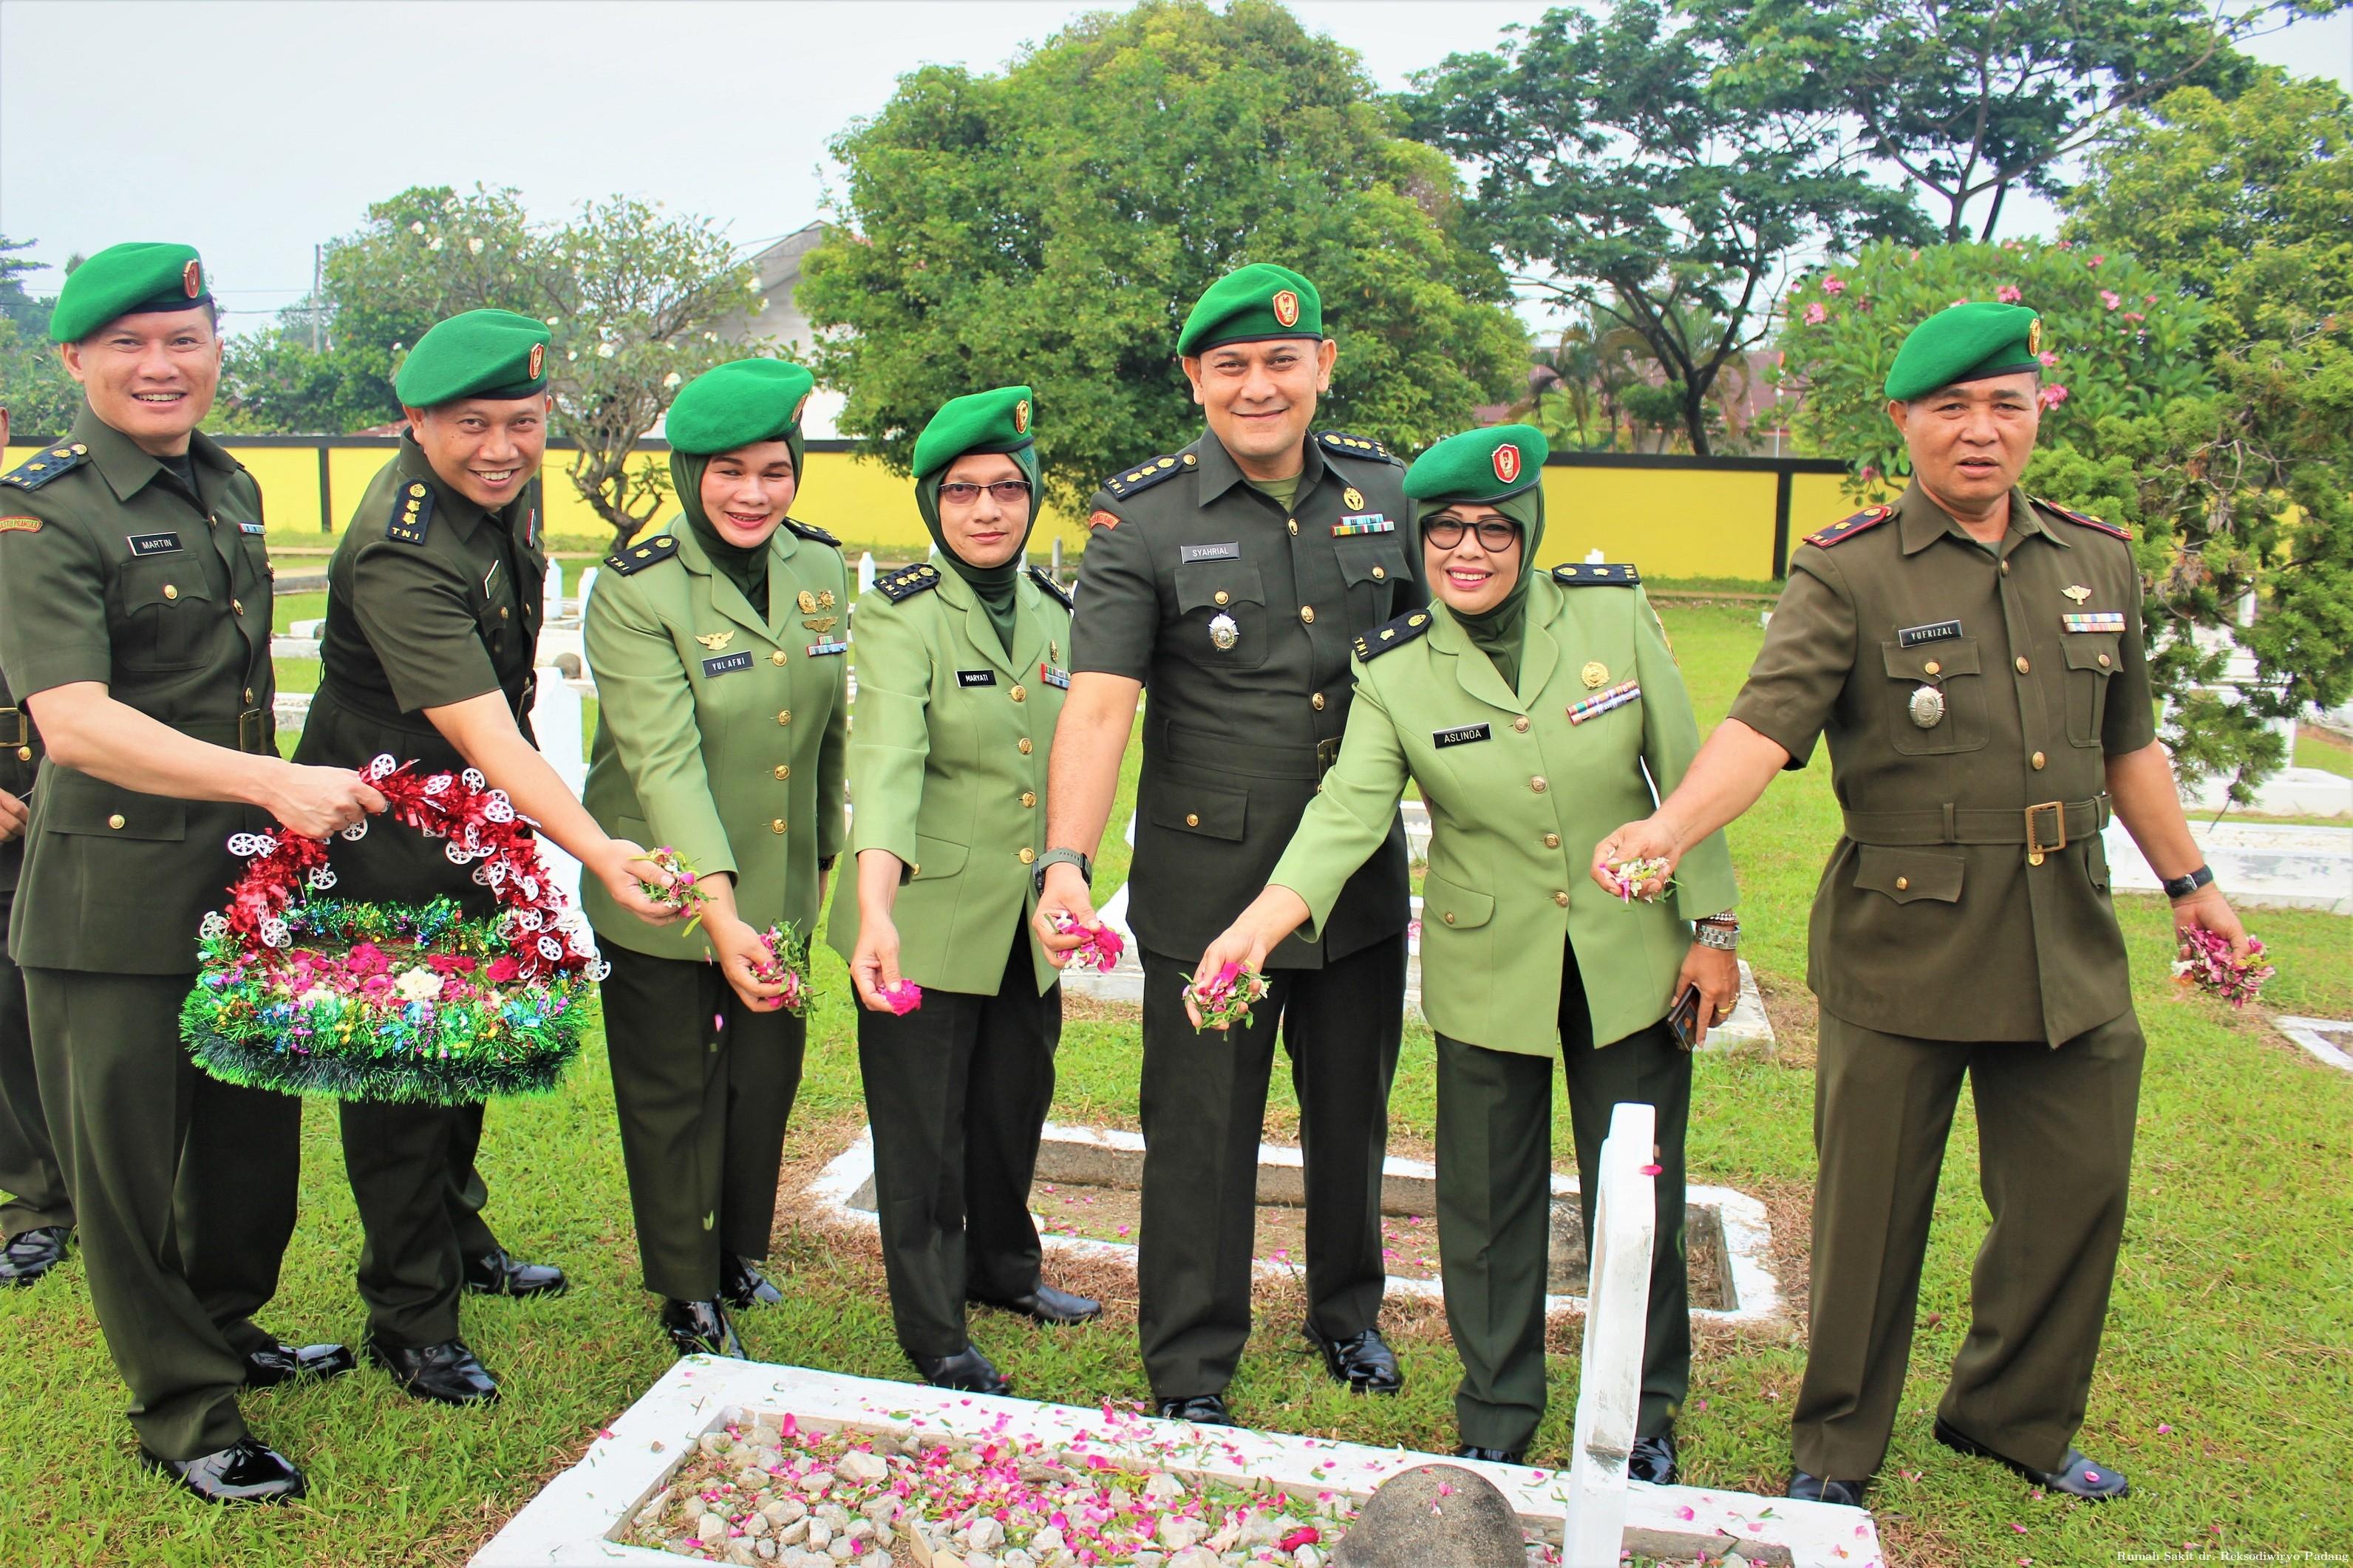 Ziarah Kubur dan Tabur bunga di Taman Makam Pahlawan Lolong Padang - (Ada 0 foto)